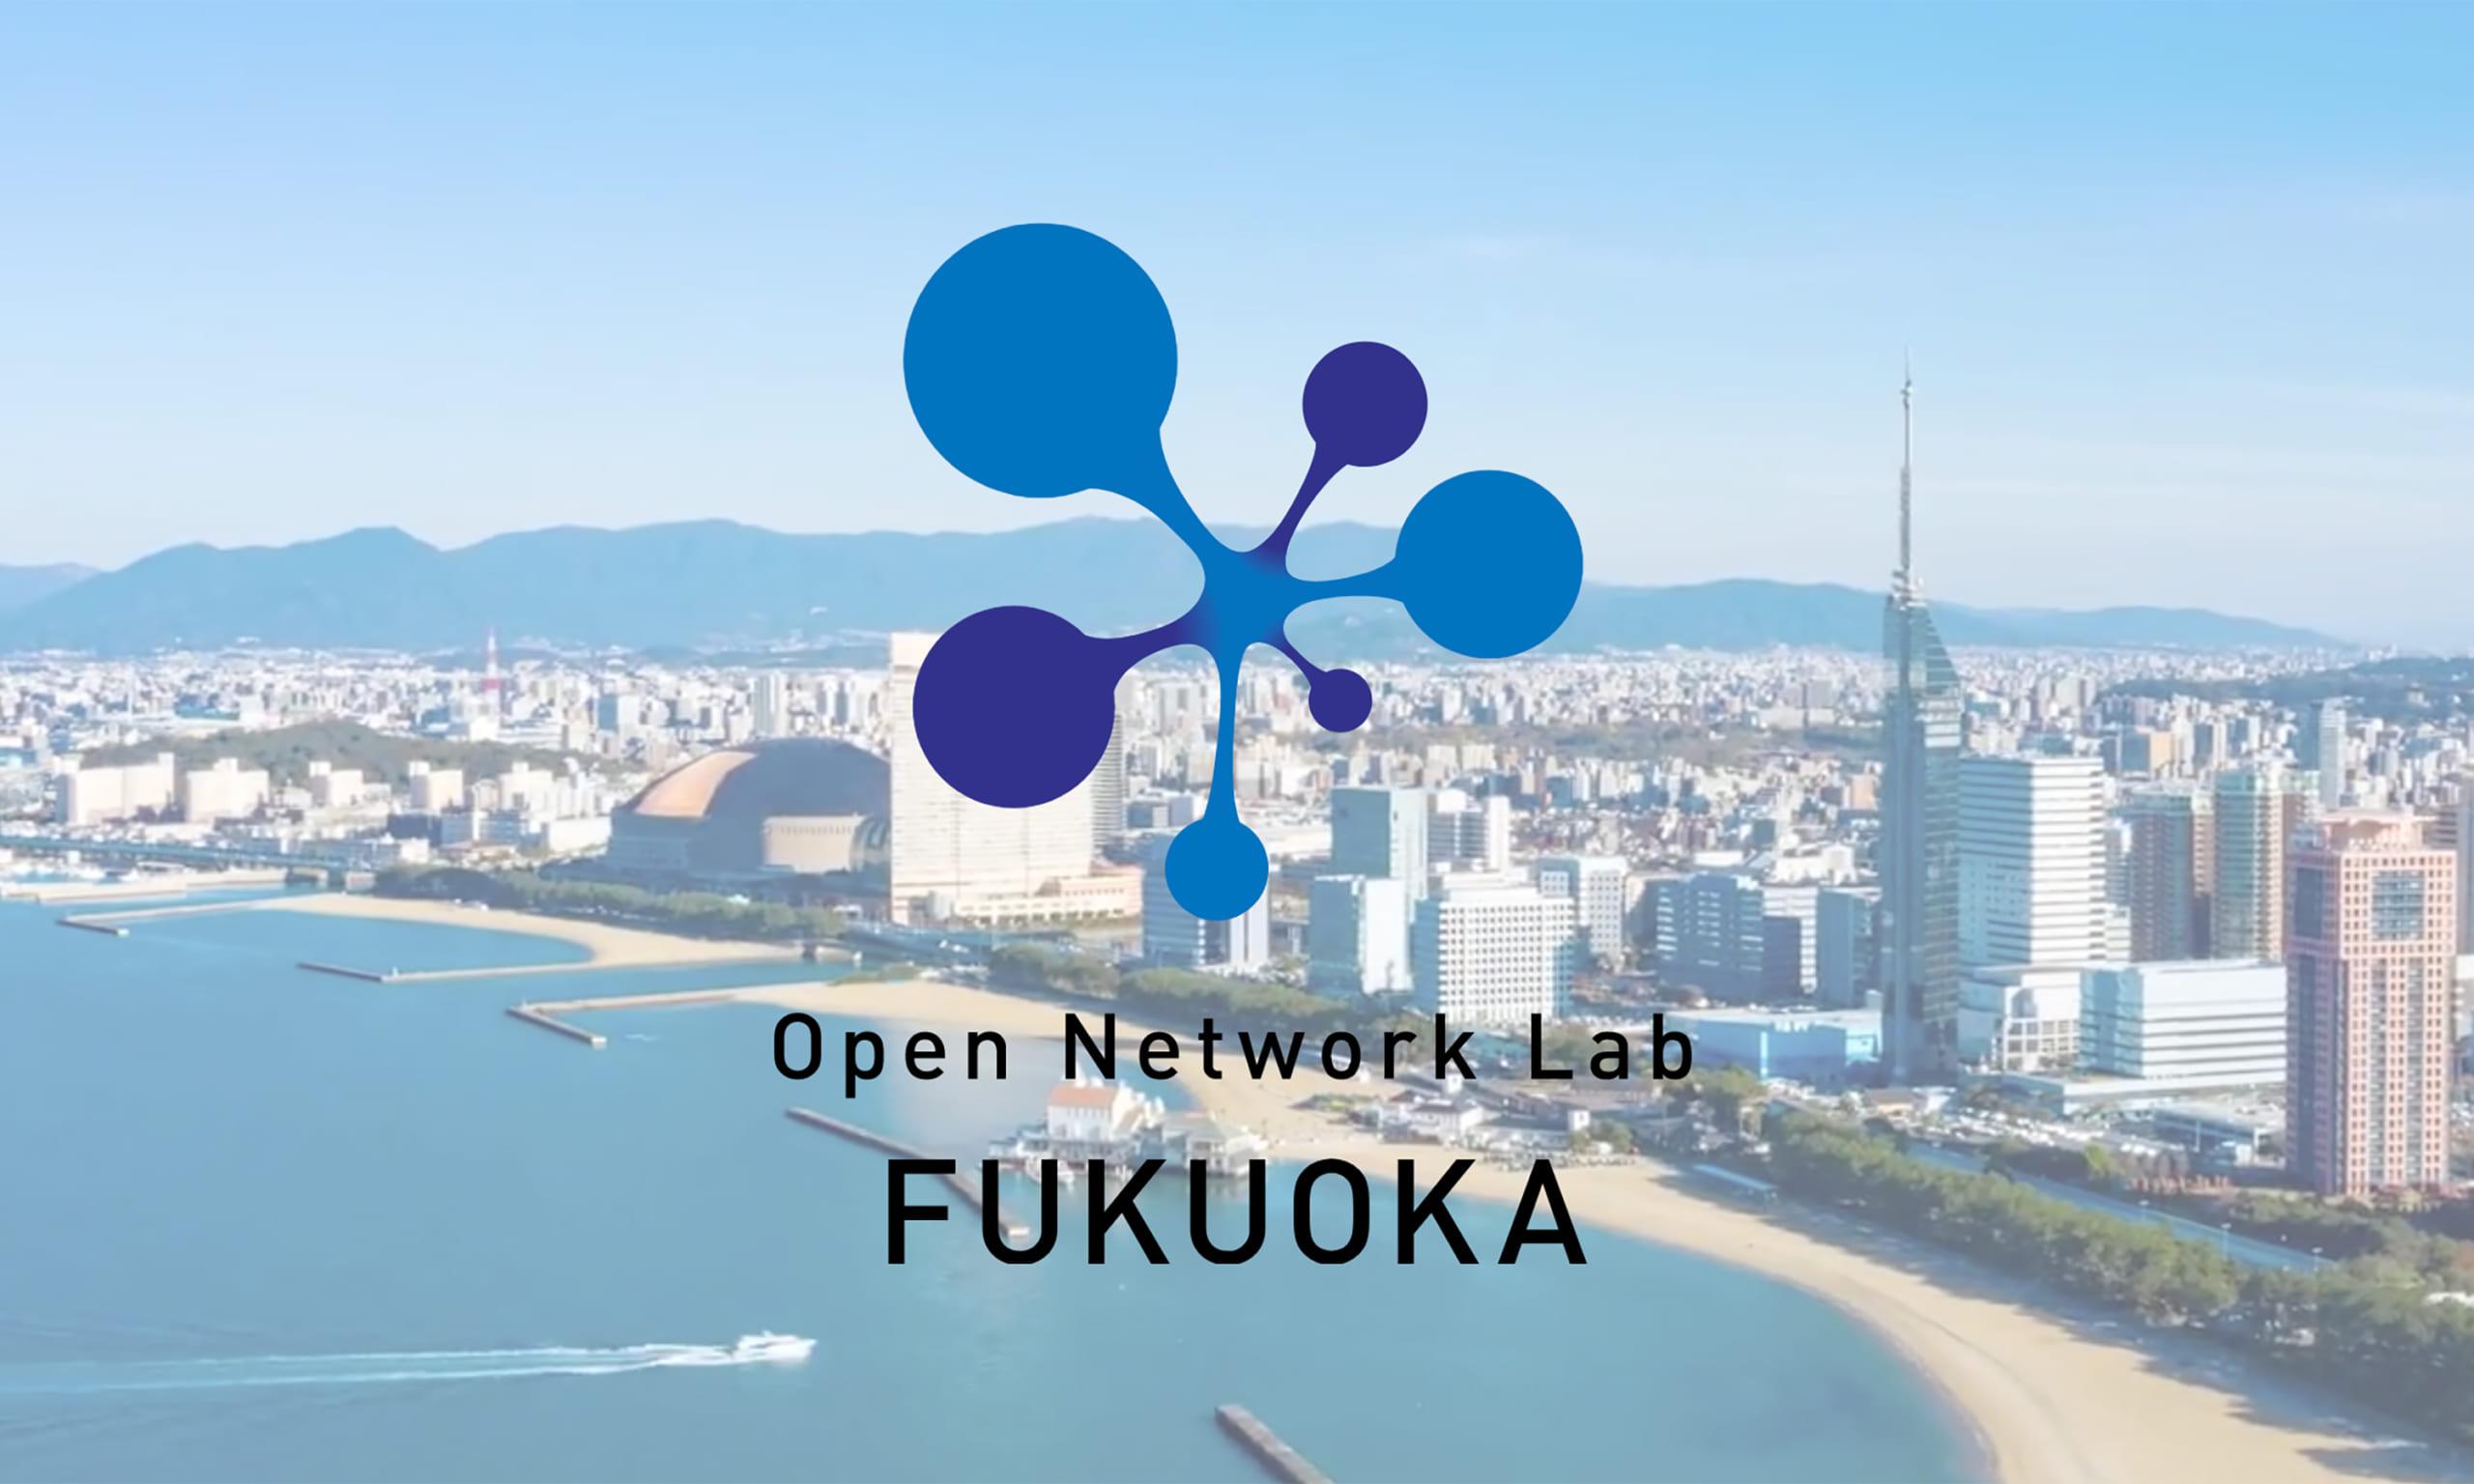 福岡からオープンイノベーションによる事業創出を。Onlab FUKUOKA 第2期募集開始